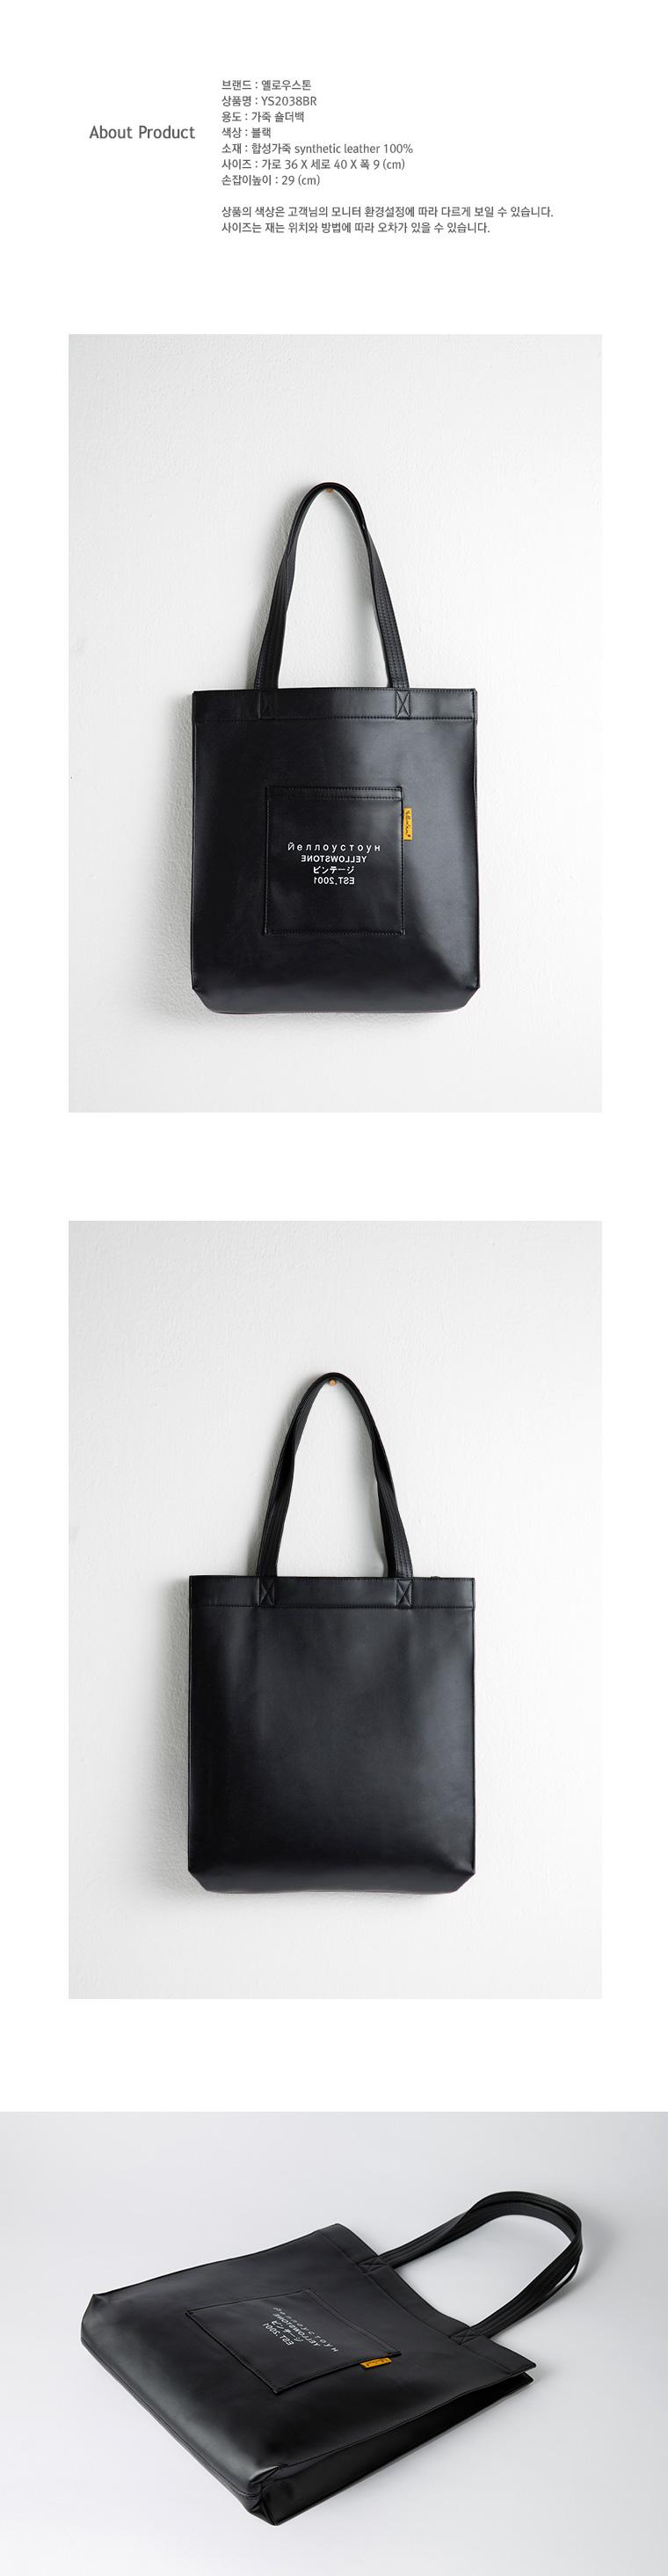 가죽 숄더백 PREMIUM LEATHER BAG -YS2038BR 블랙